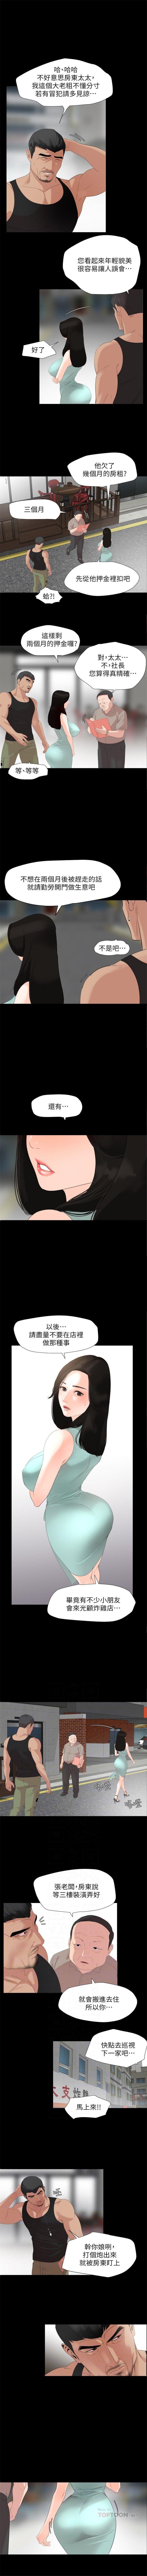 與岳母同屋 1-16 官方中文(連載中) 16